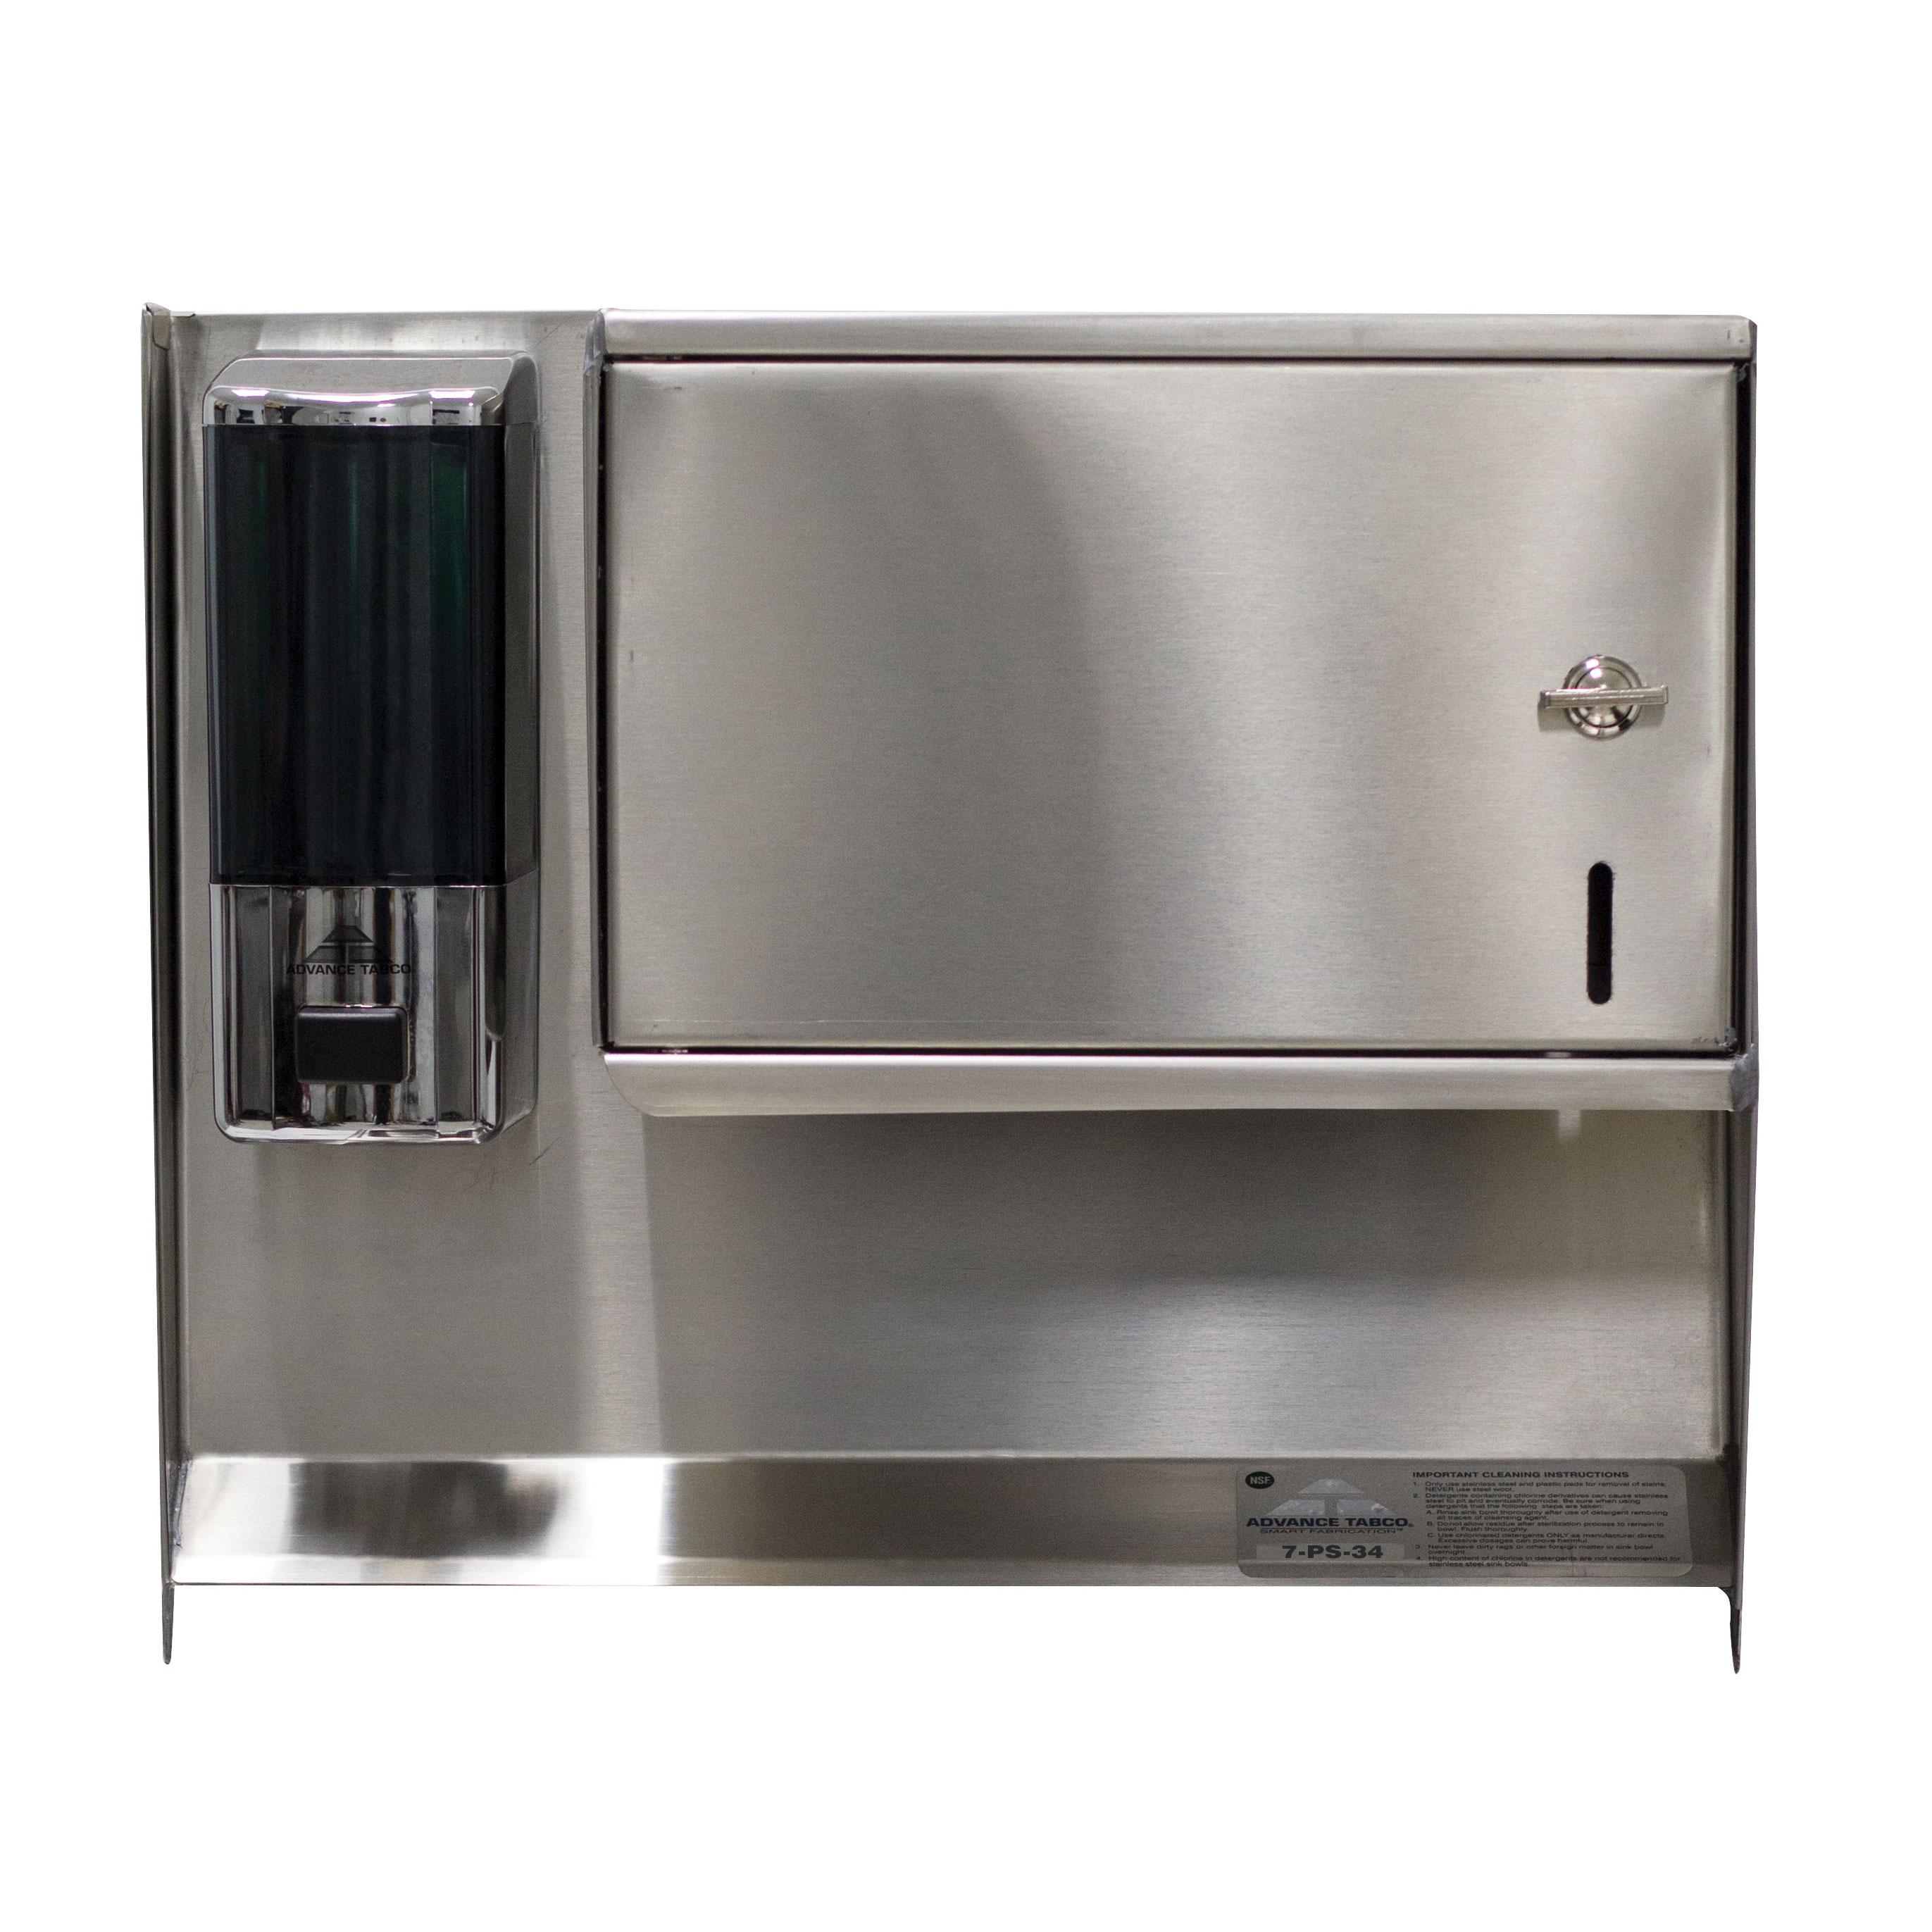 Advance Tabco 7-PS-34 paper towel dispenser